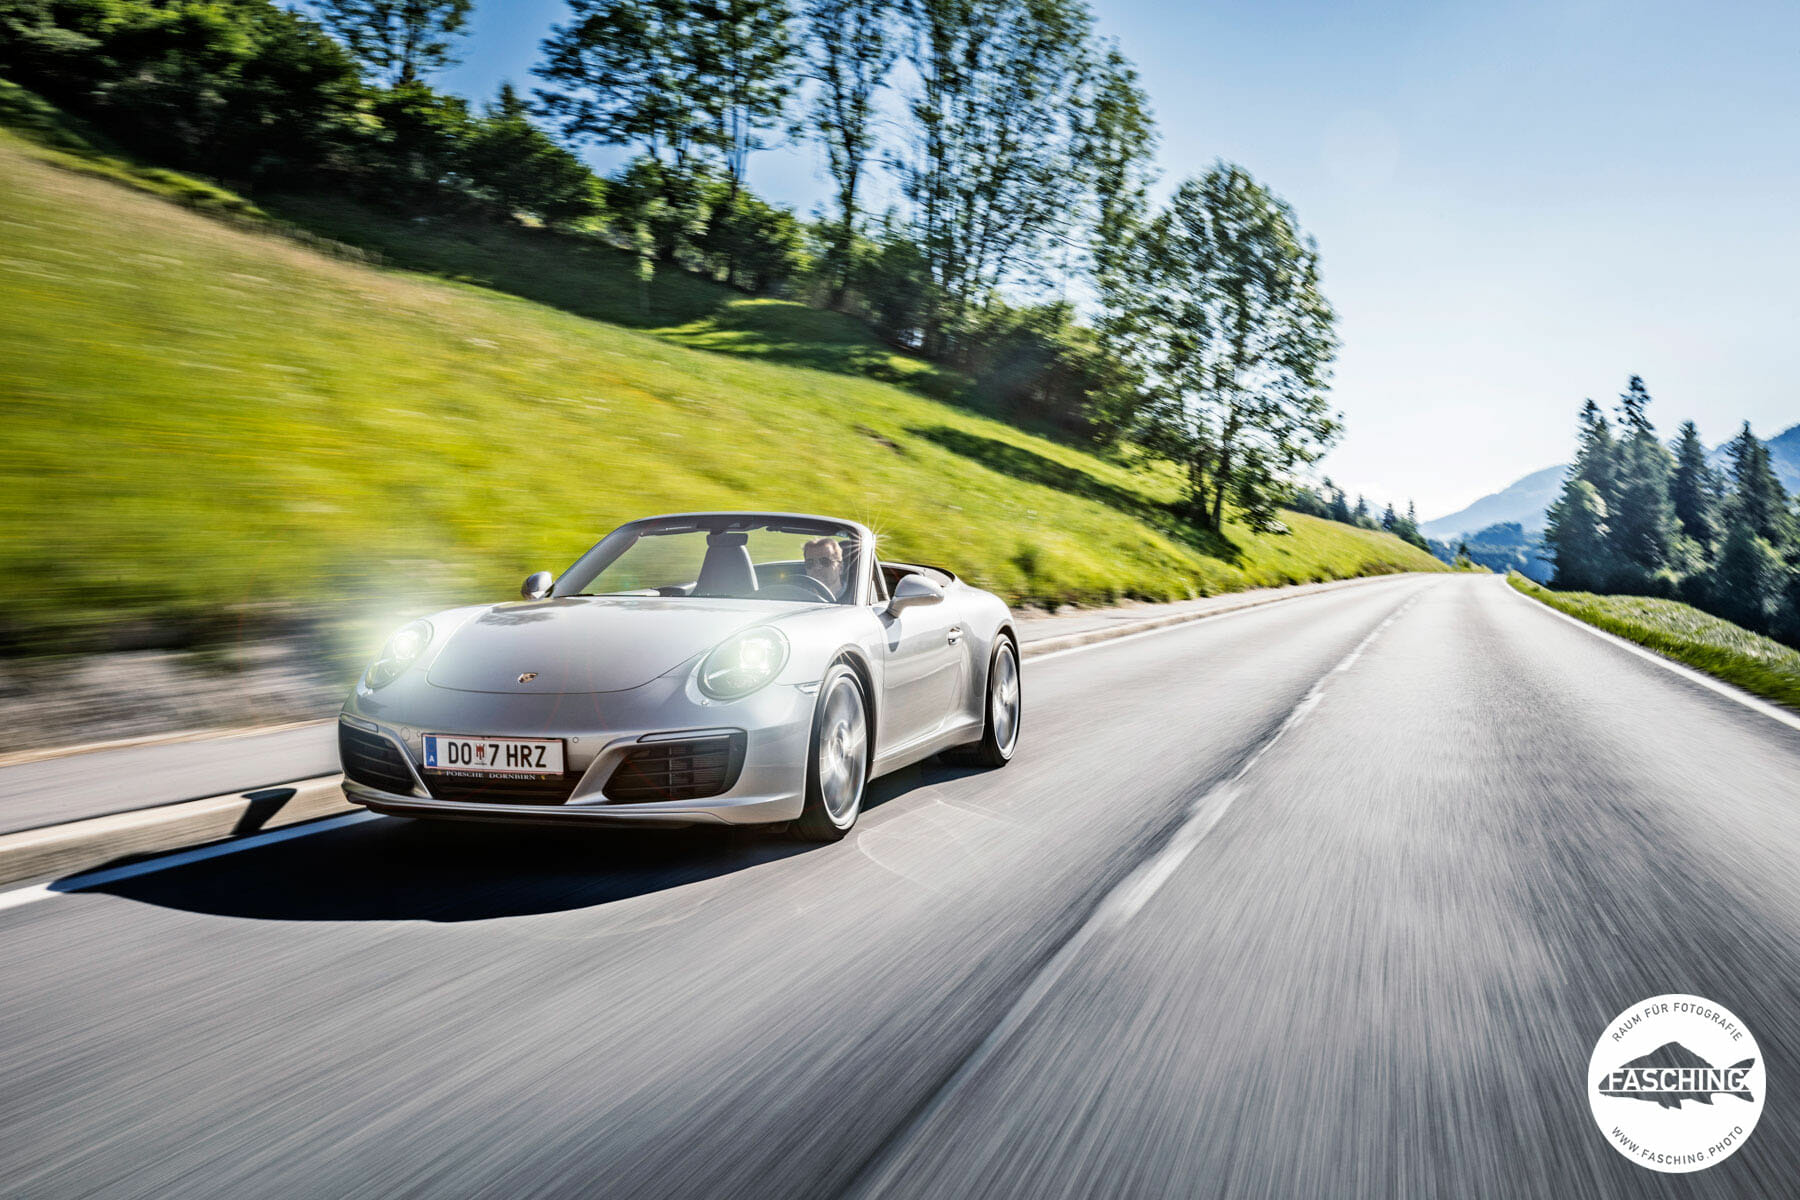 Dieses Porsche 911 Carrera Cabrio wurde von dem vorarlberger Fotograf Luca Fasching fotografiert